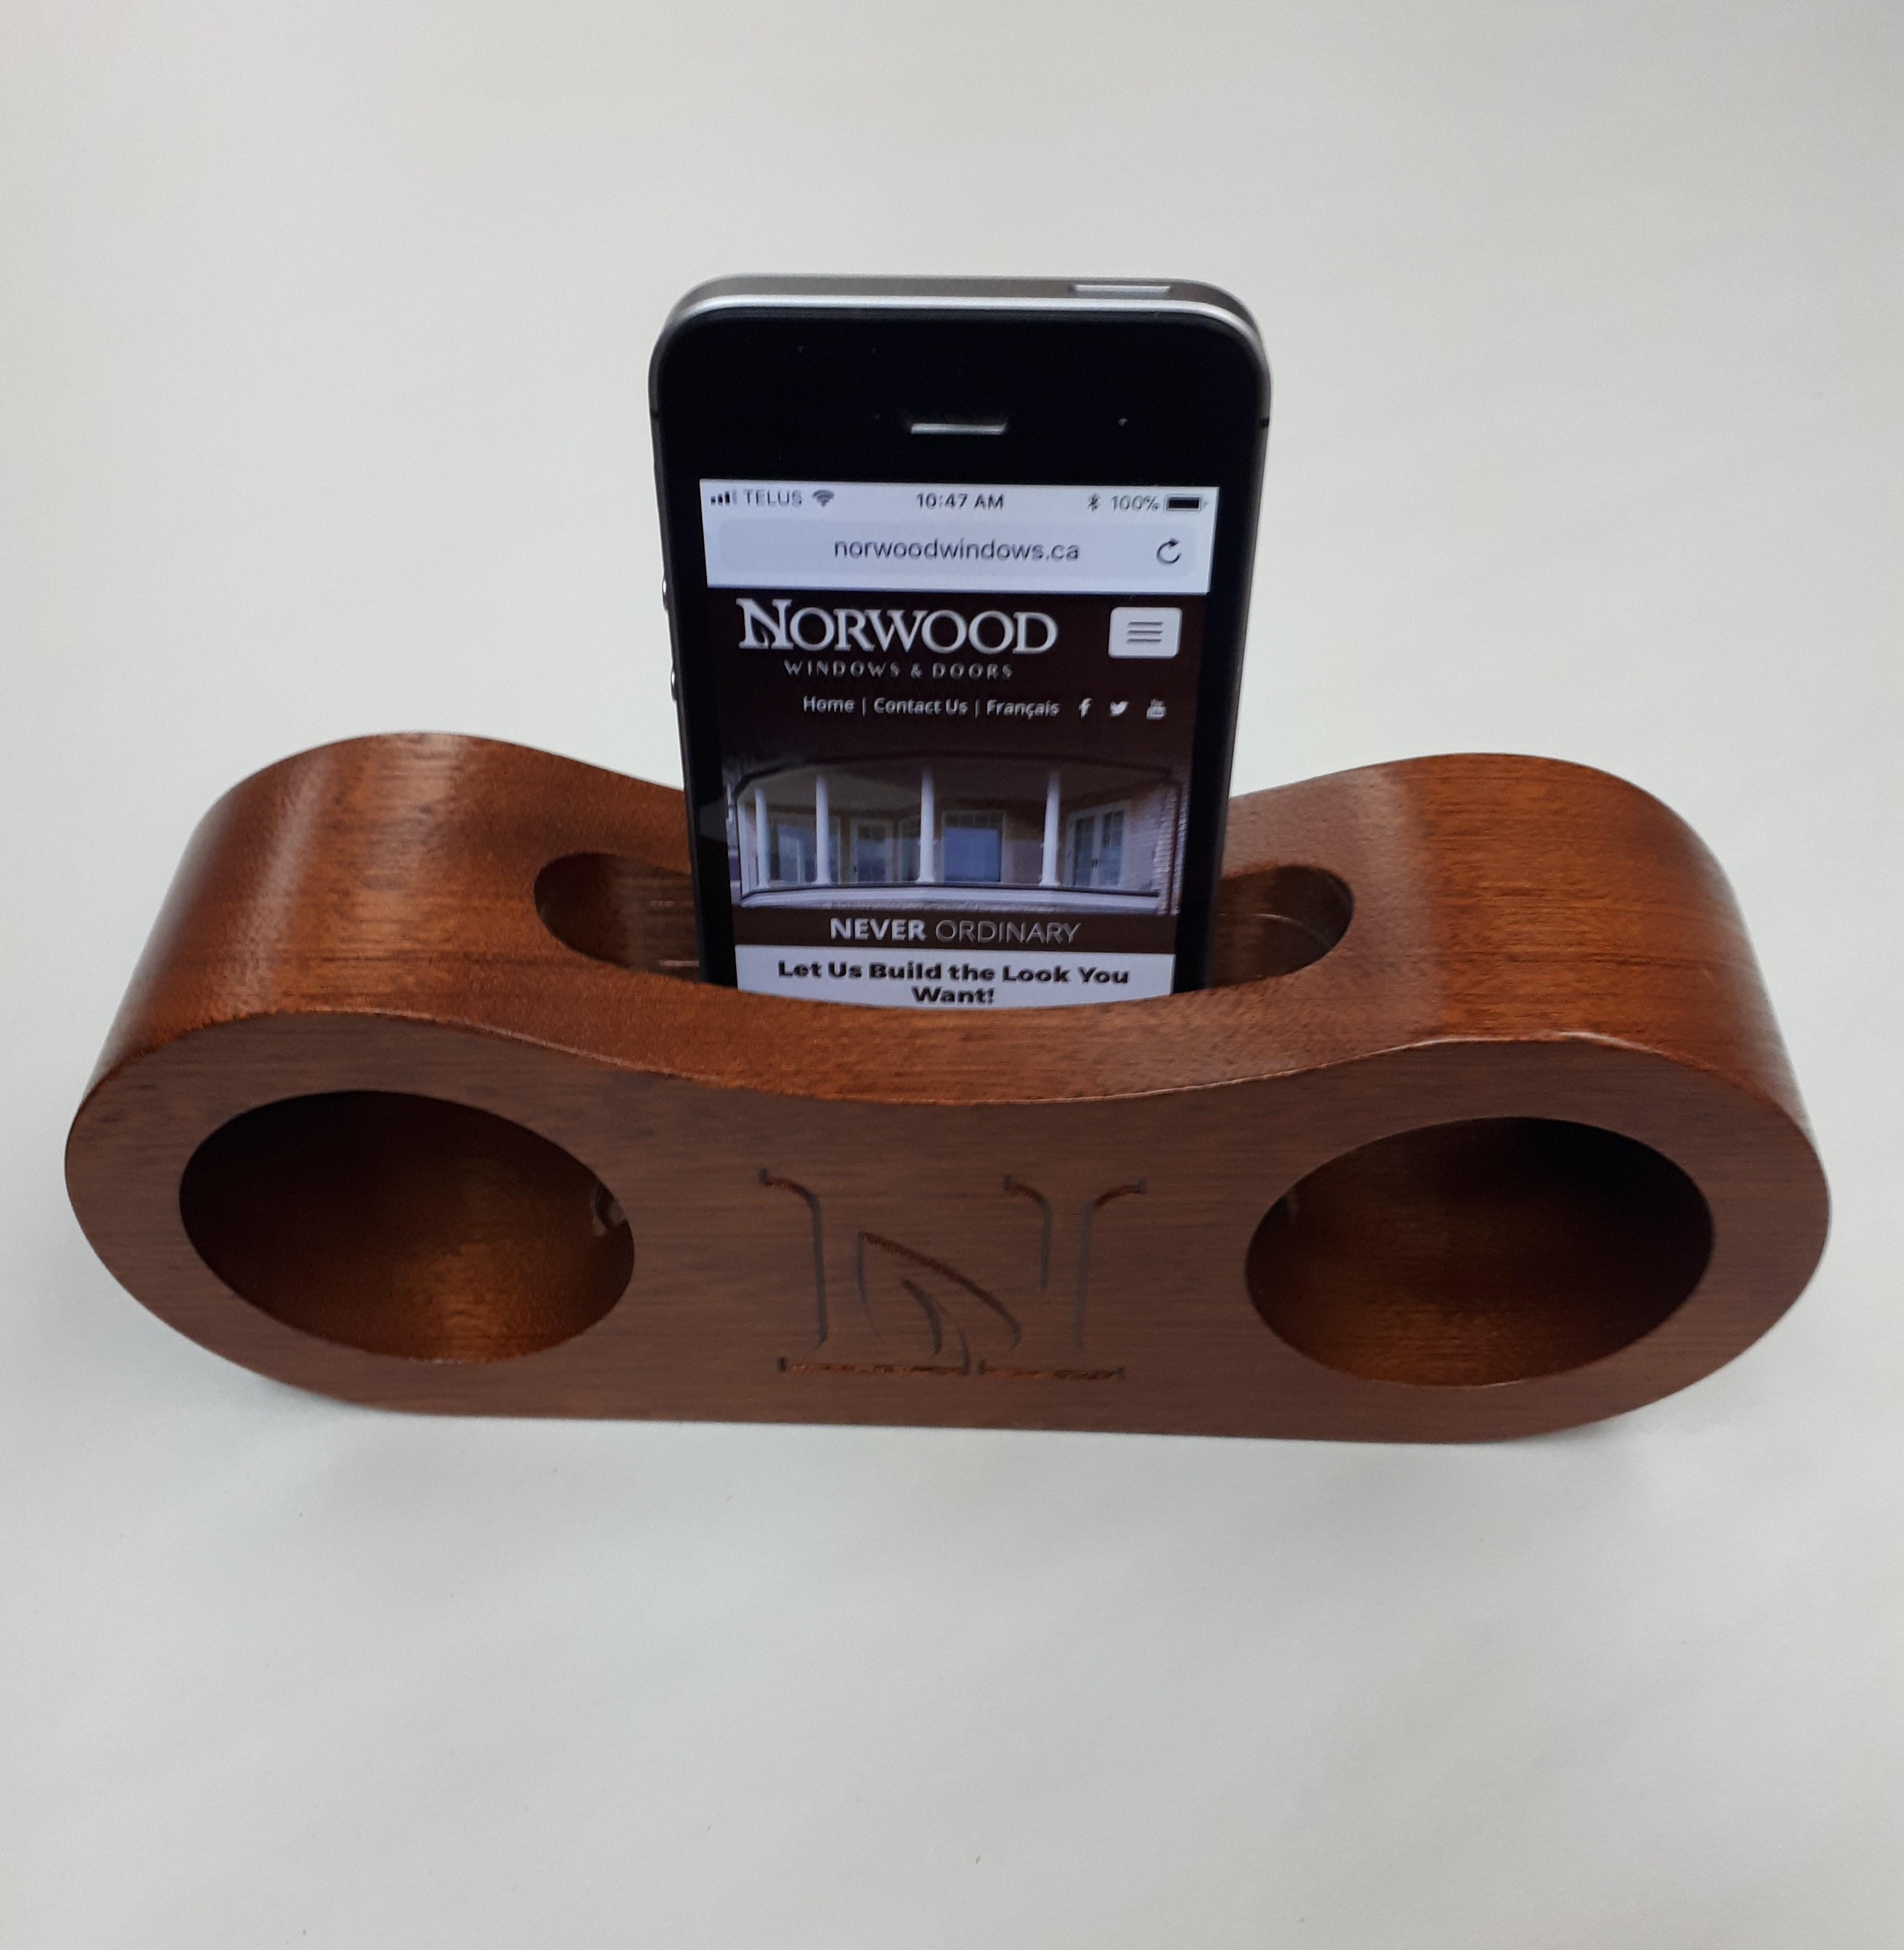 Soundbox  View